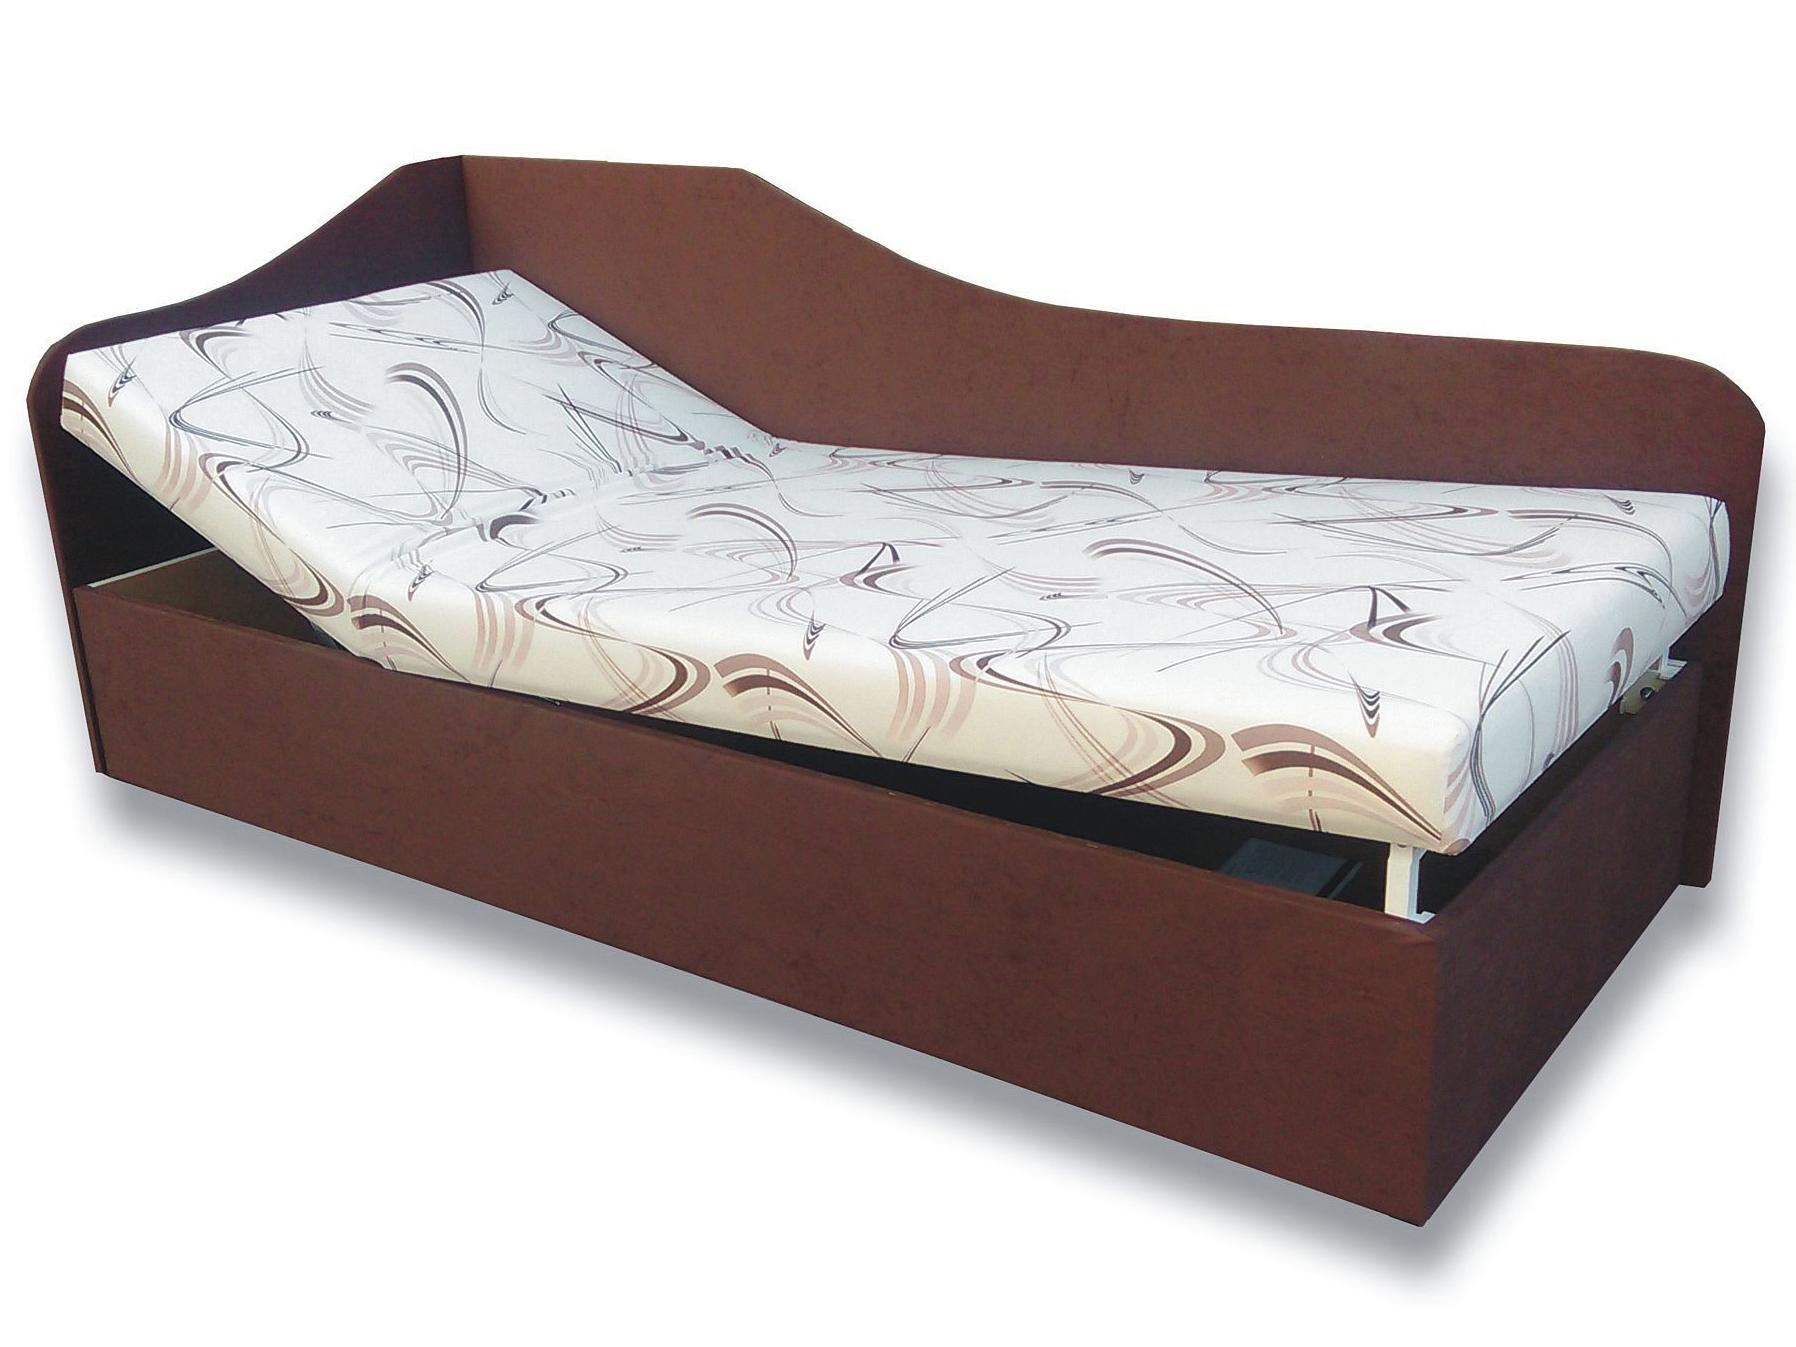 Jednolôžková posteľ (váľanda) 80 cm - Važo - Anita (Sand 10 + Tmavohnedá 40) (L). Sme autorizovaný predajca Važo.